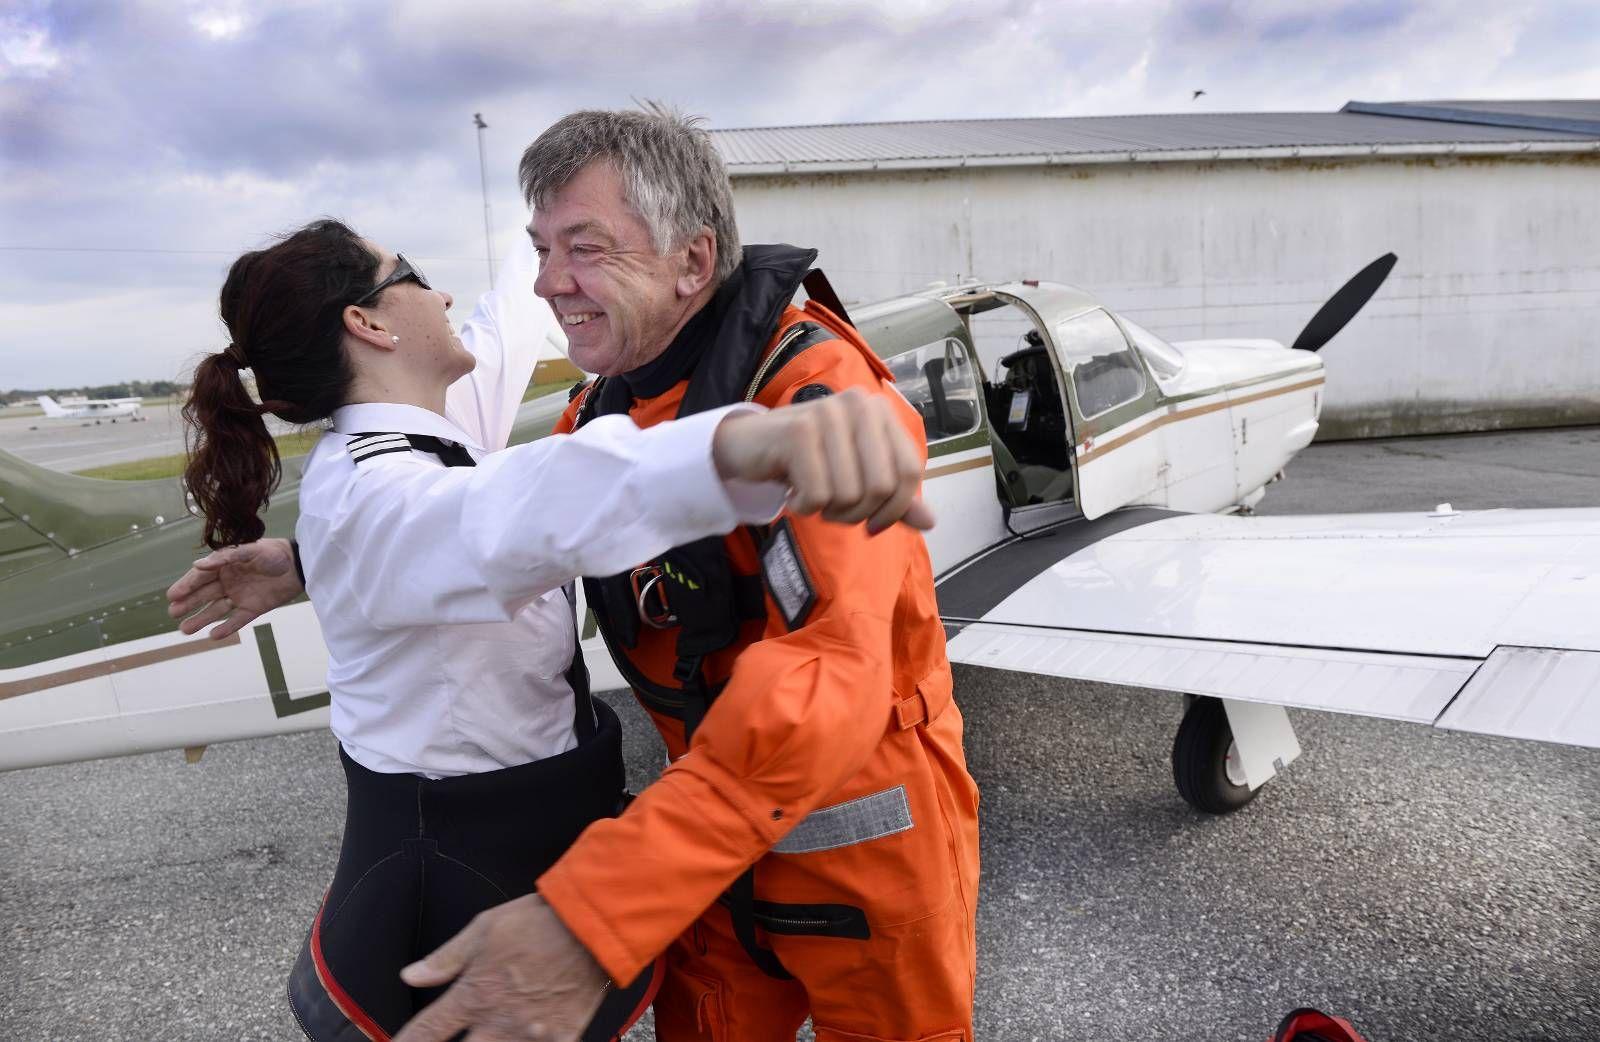 gjøre piloter og fly tjenere hektejente dating en fyr 4 år yngre